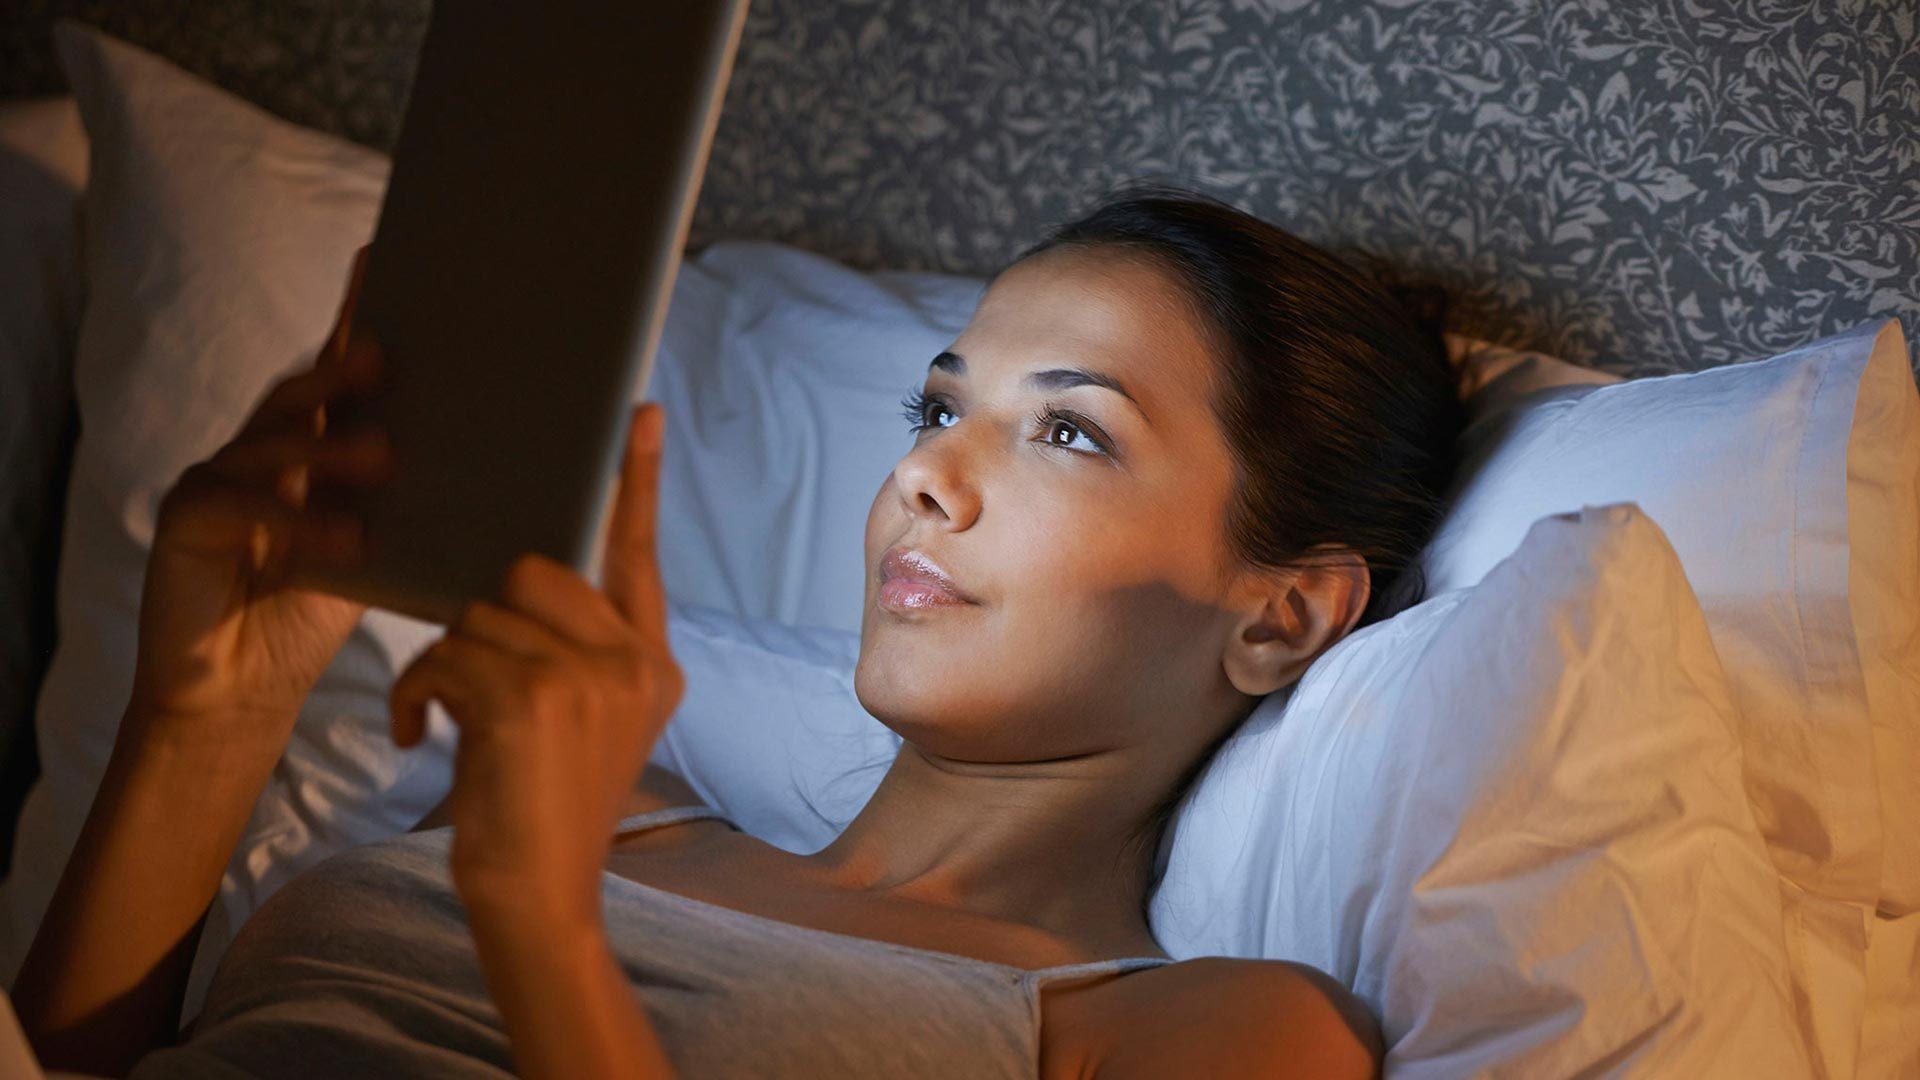 Хороший отдых в ночное время имеет большое значение